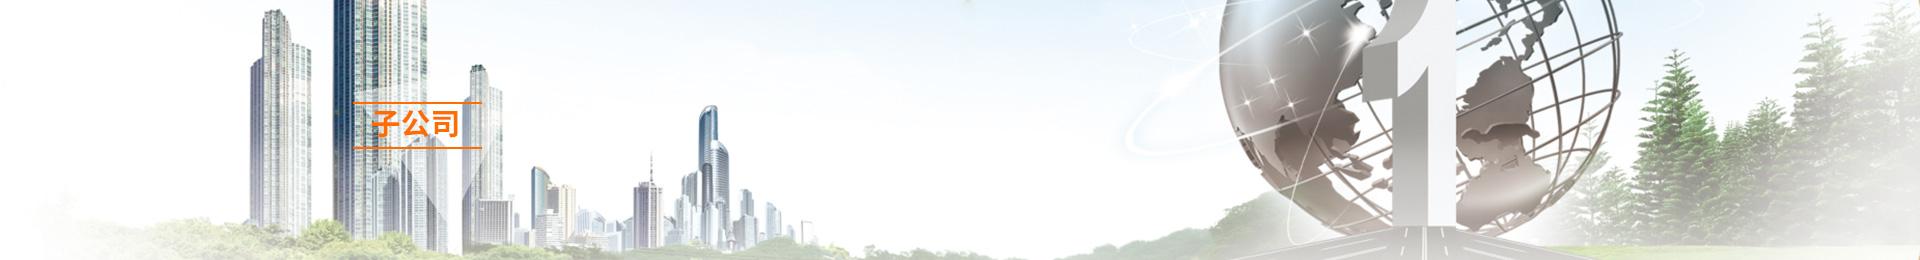 丁香蒲月啪啪,激情综合,色久久,色久久综合网,蒲月婷婷高兴中文字幕